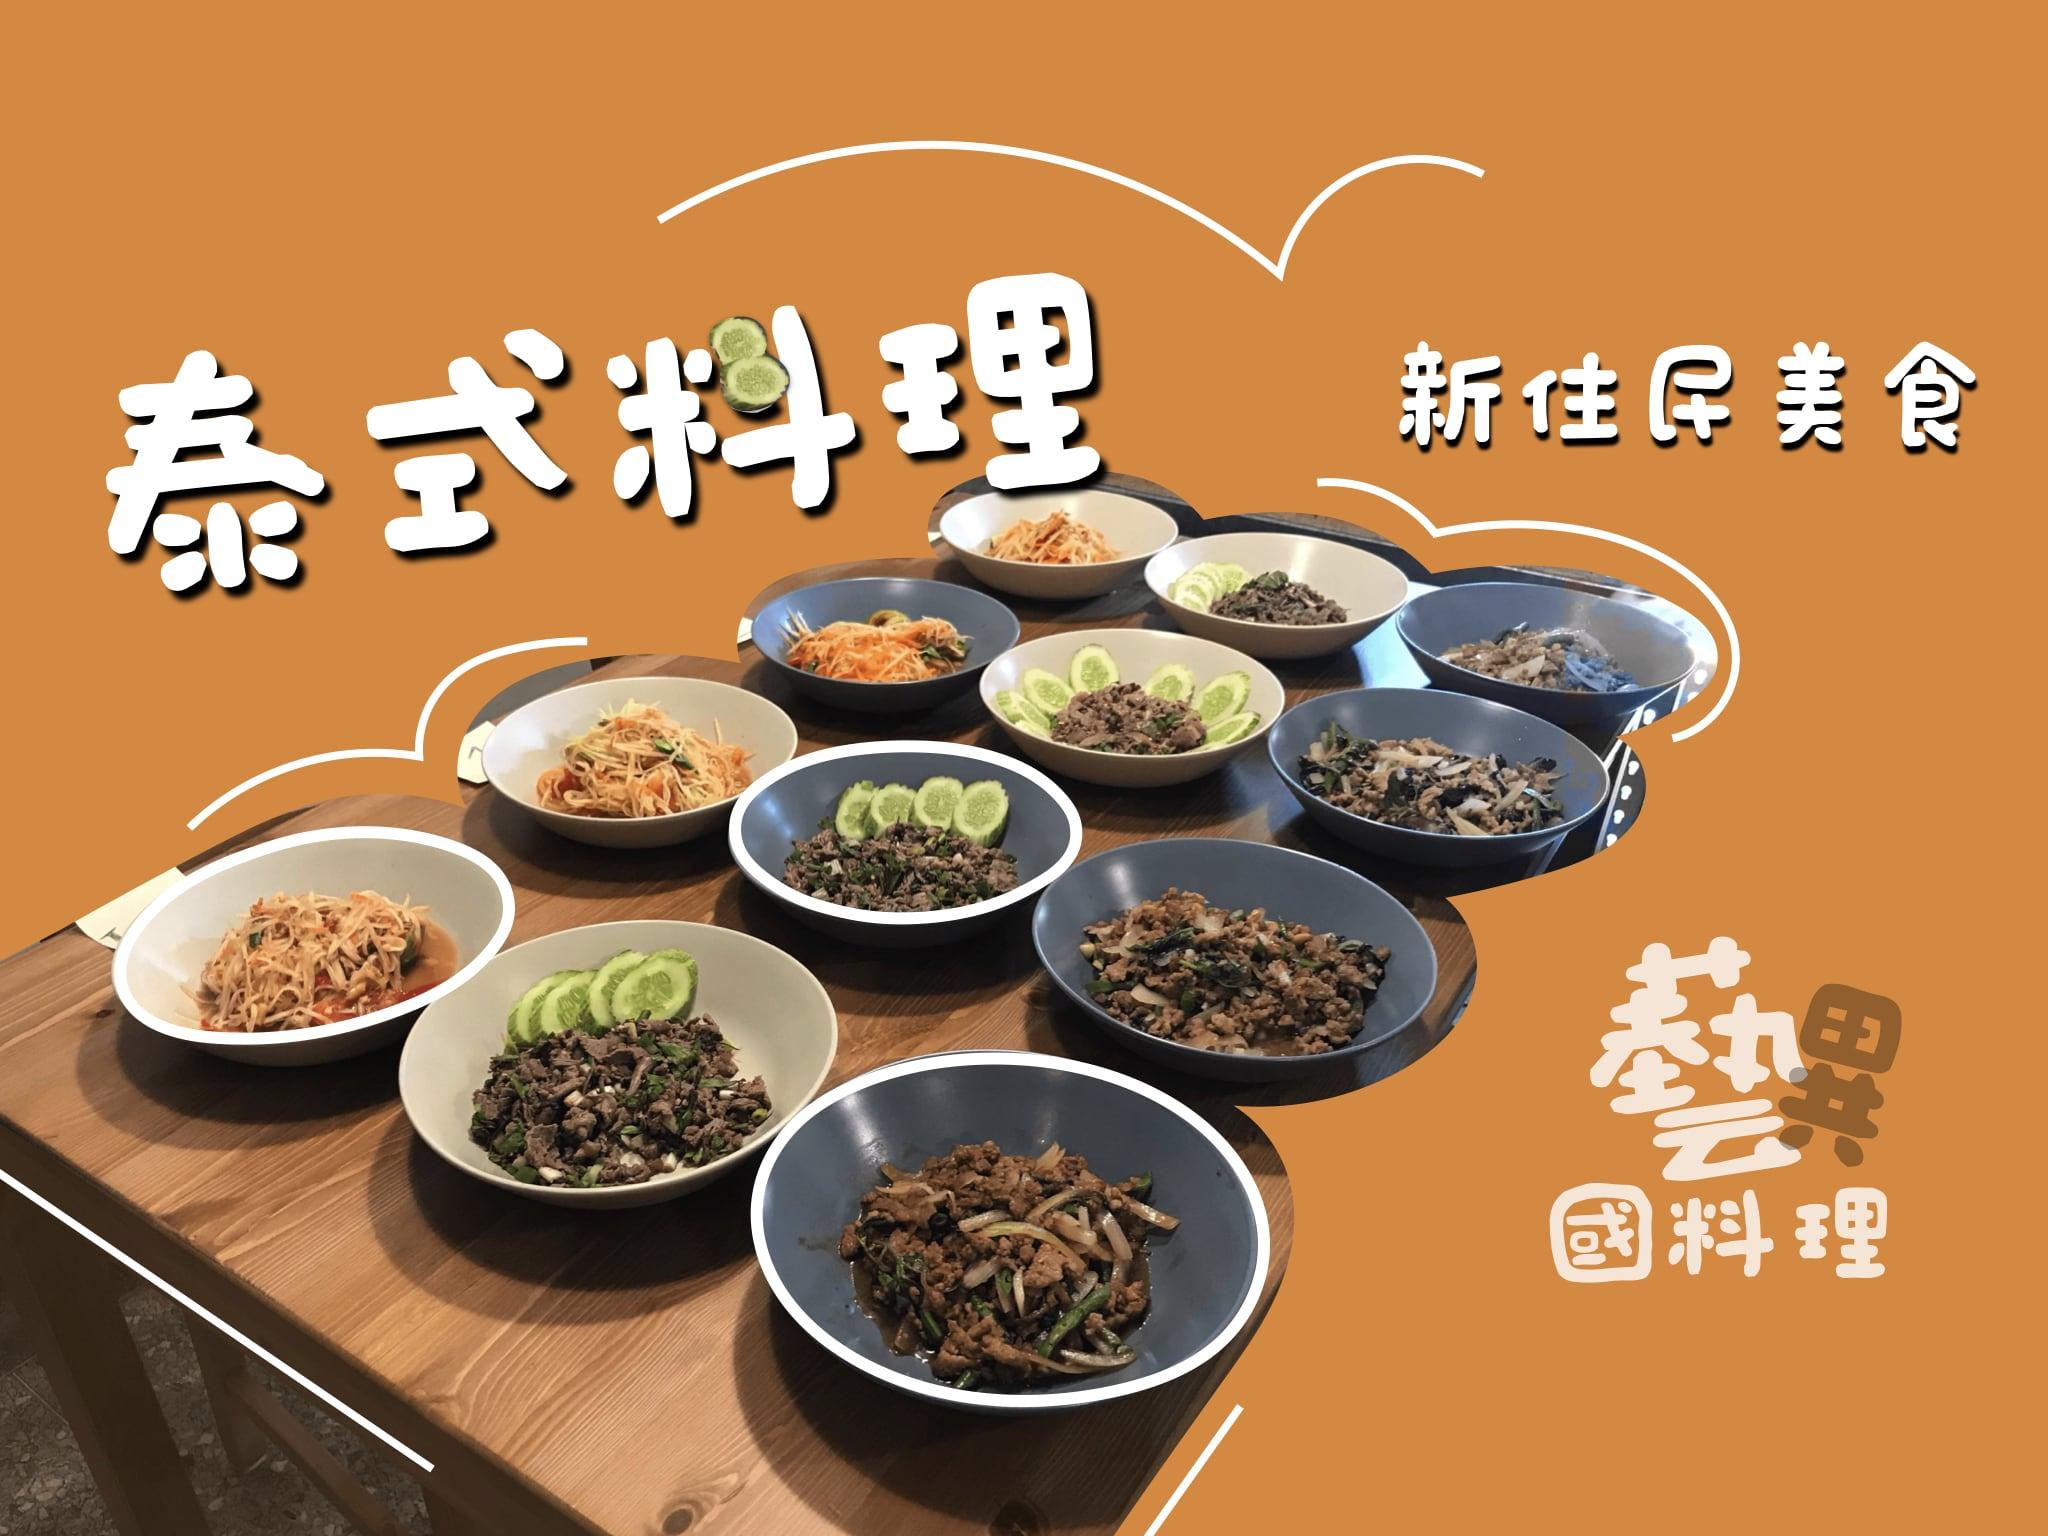 好多盤菜放在桌上,橘色的背景,泰式料理